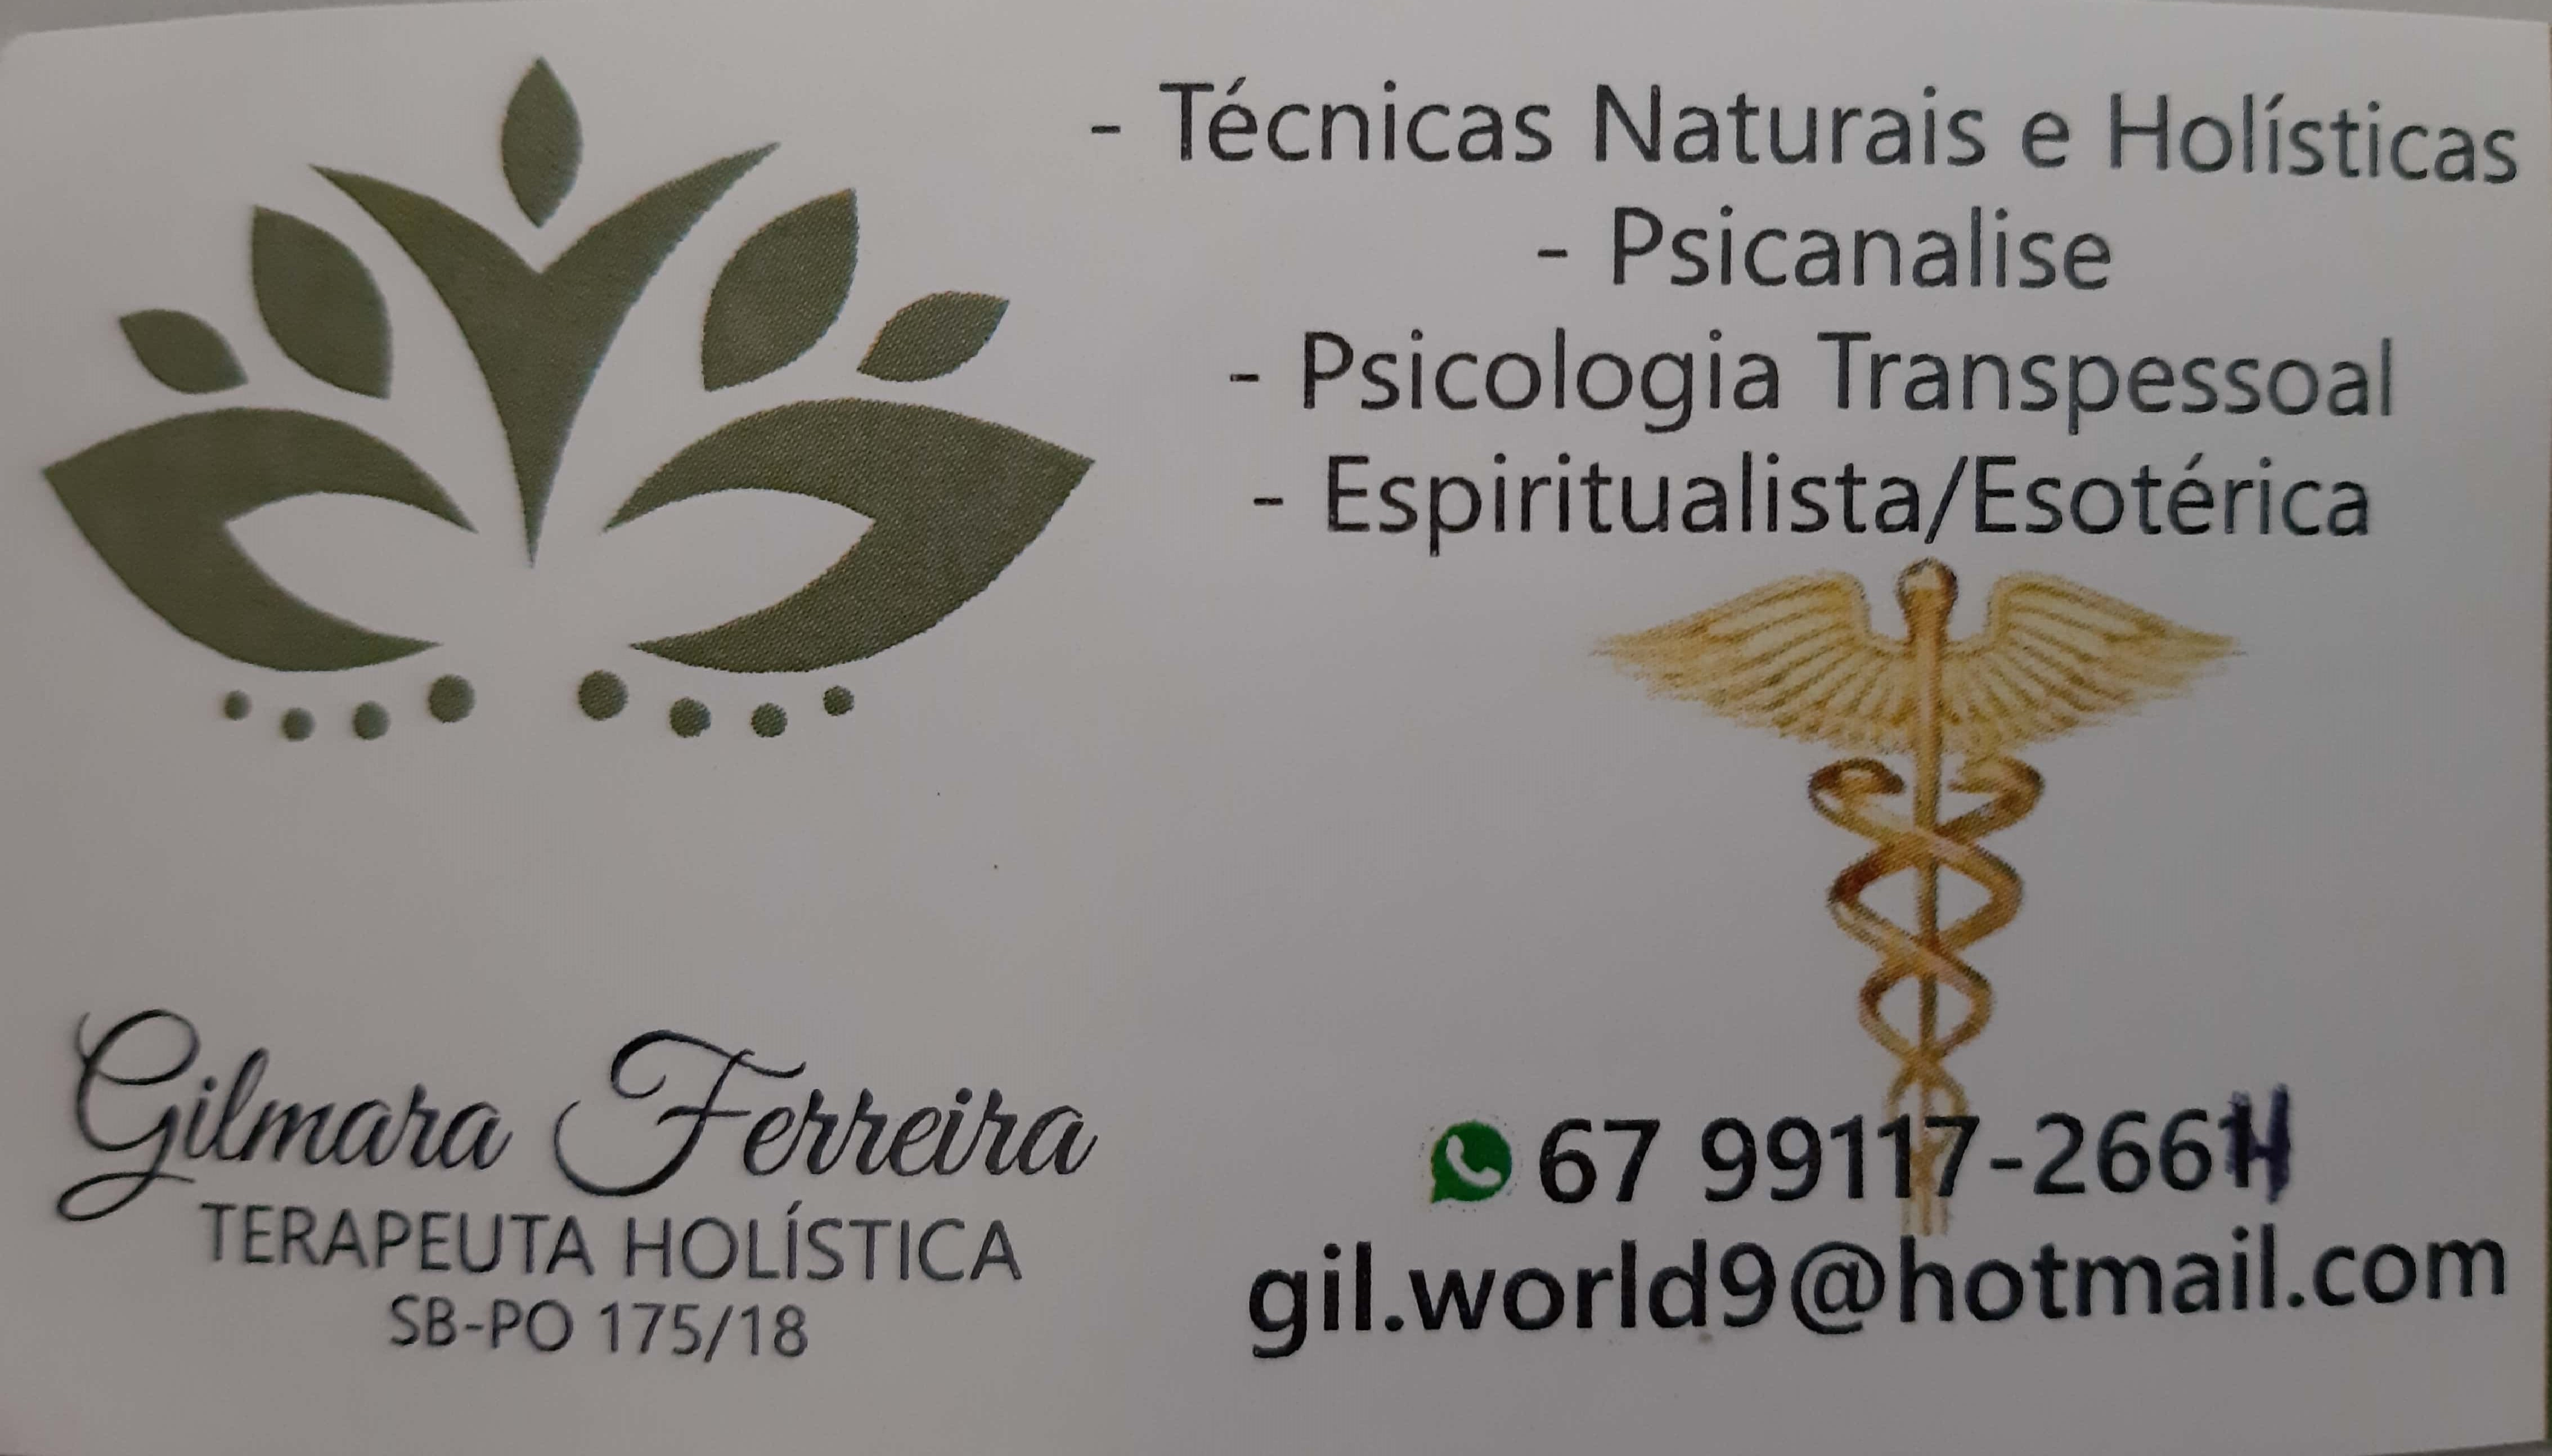 gilmara cartão_1